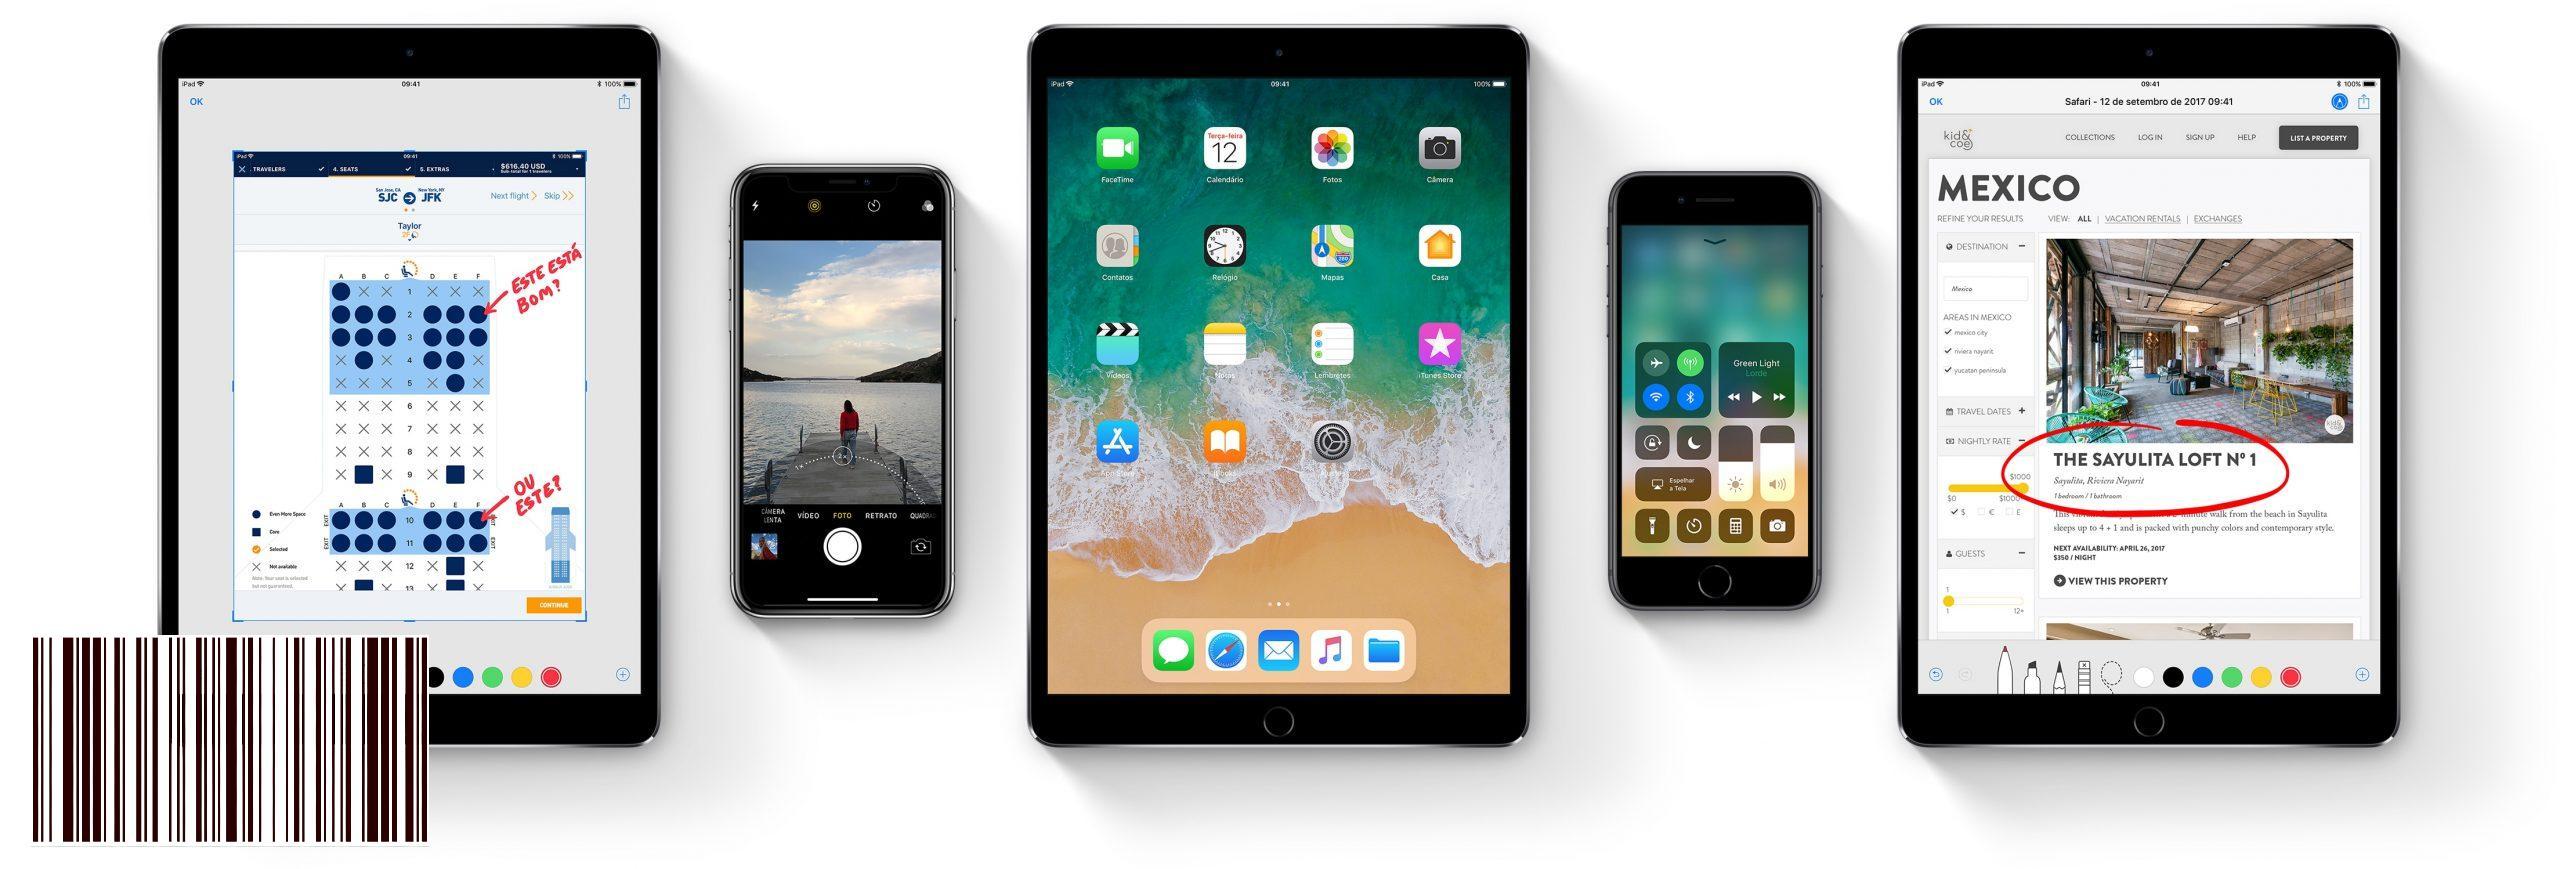 تقوم Apple بإصدار iOS 11.3.1 لجميع المستخدمين ، مما يوفر إصلاحات للأخطاء [atualizado: update de segurança do macOS High Sierra]